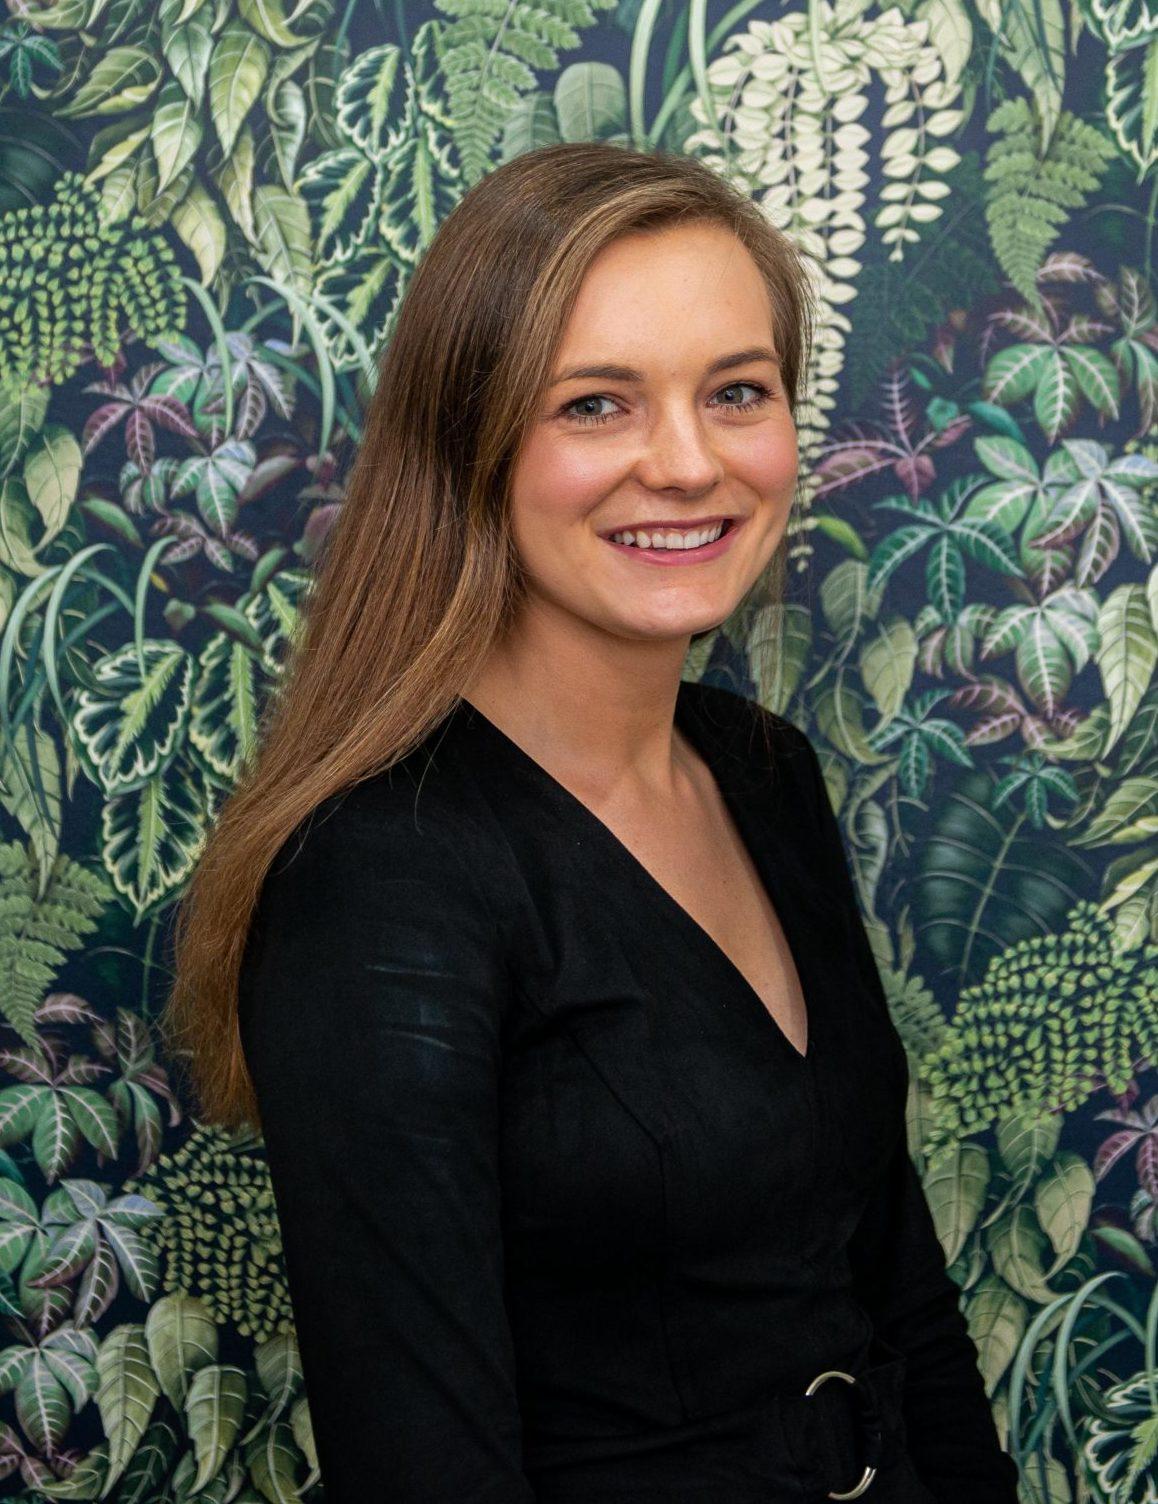 Stephanie Rouillard